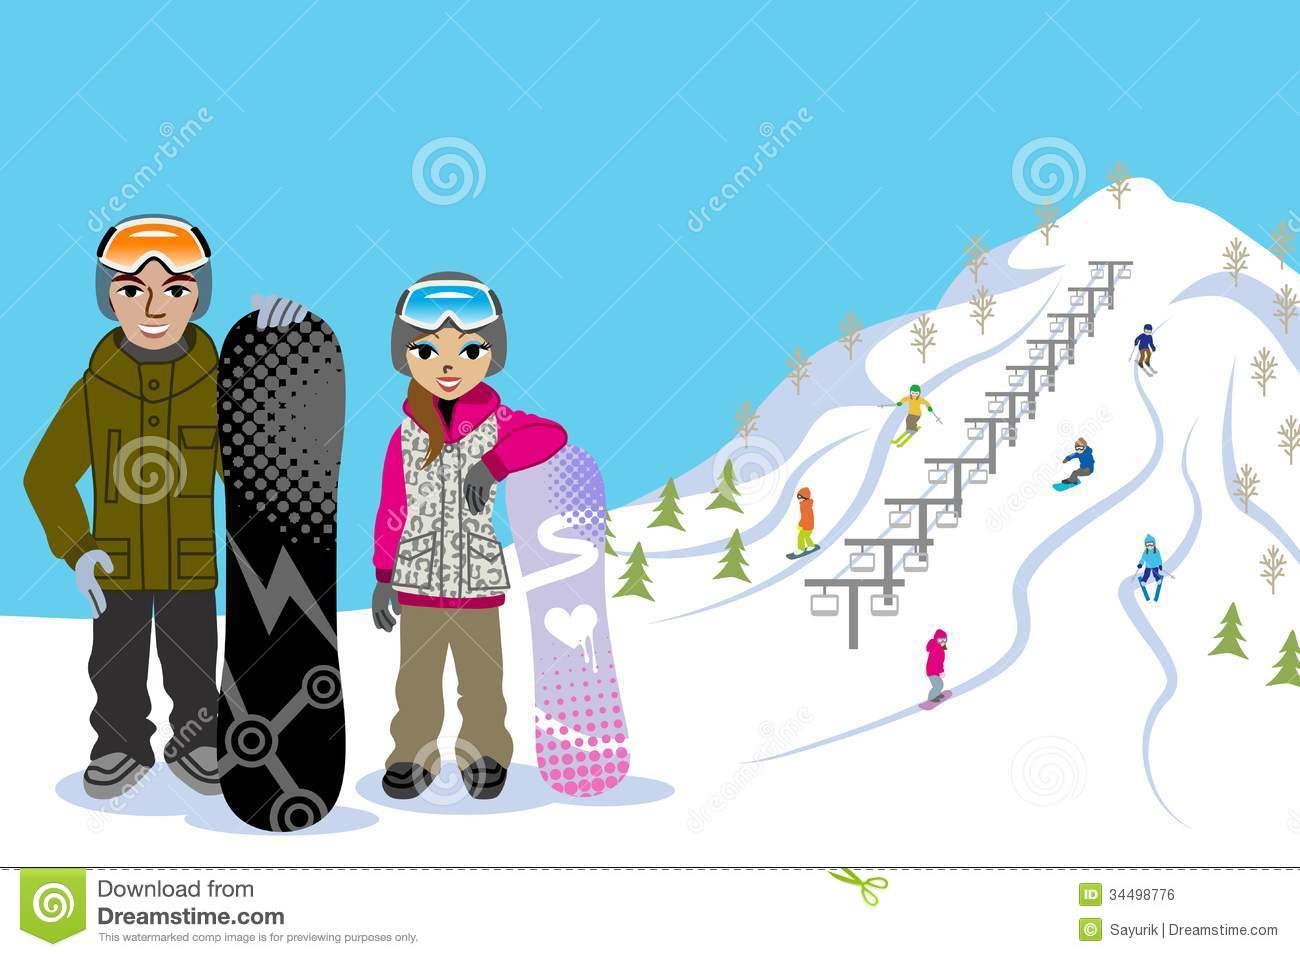 Ski slopes clipart.